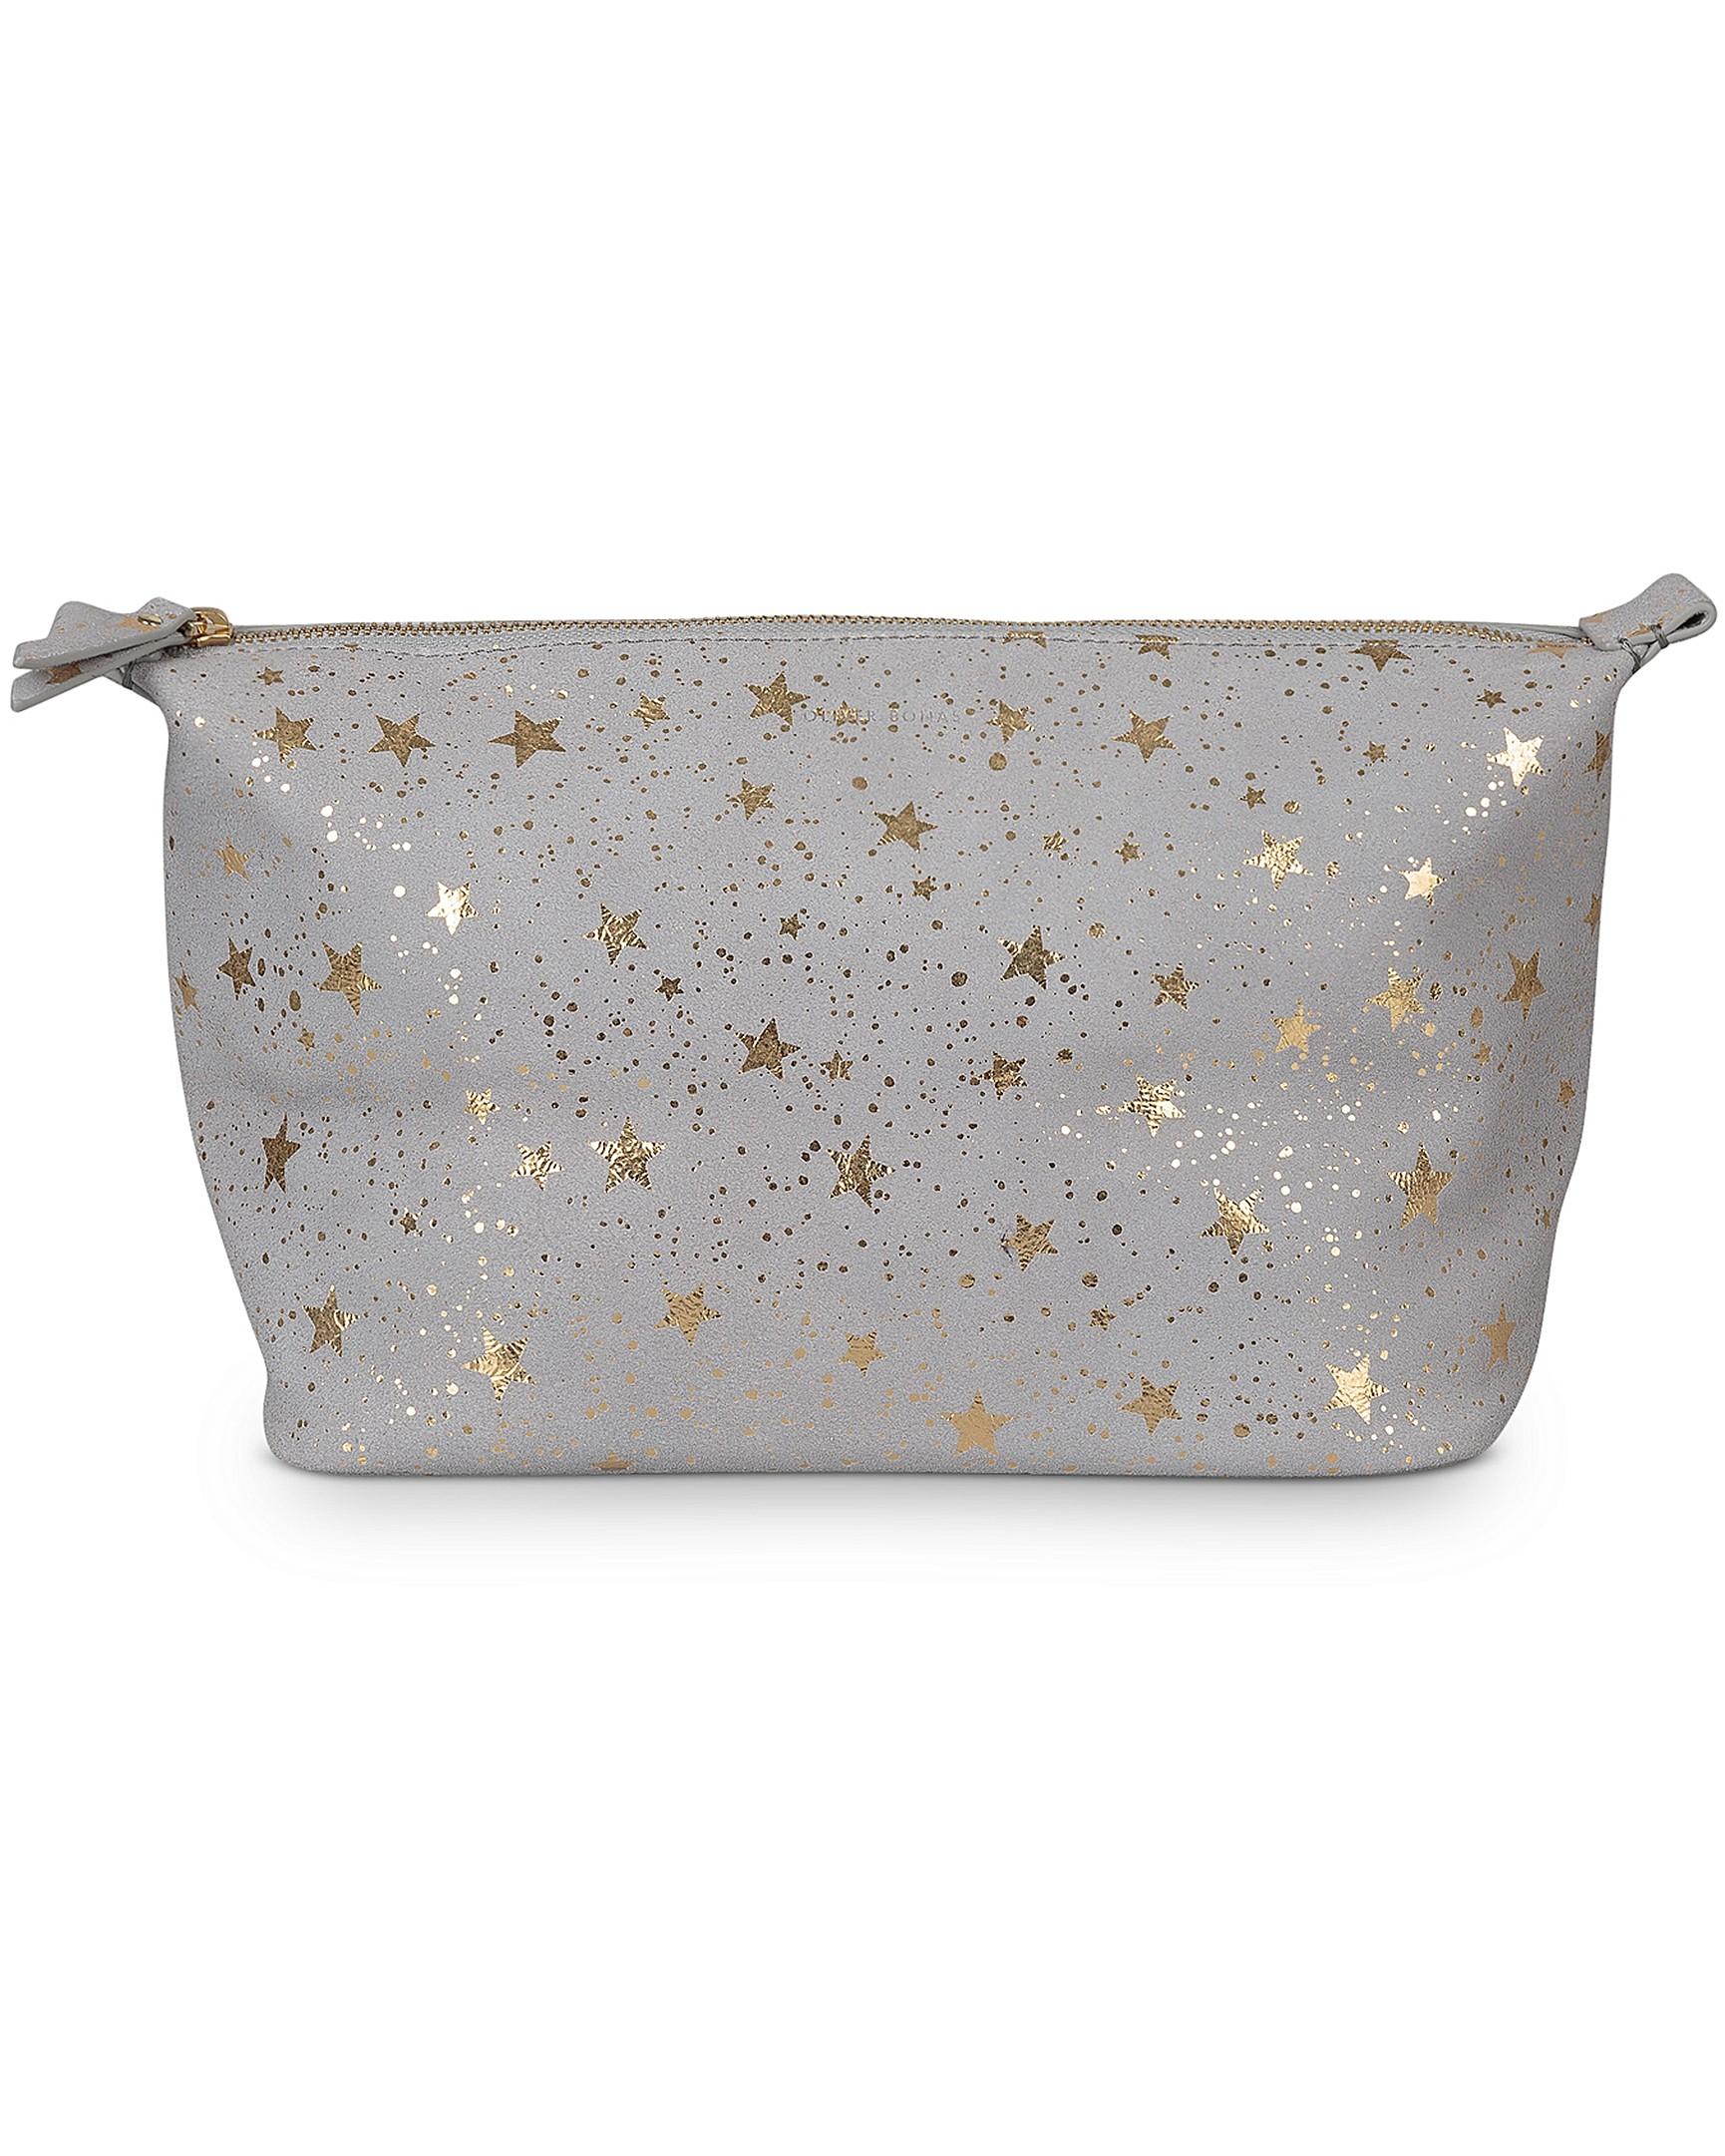 0f99b686c7 Zoya Star Print Grey Leather Wash Bag